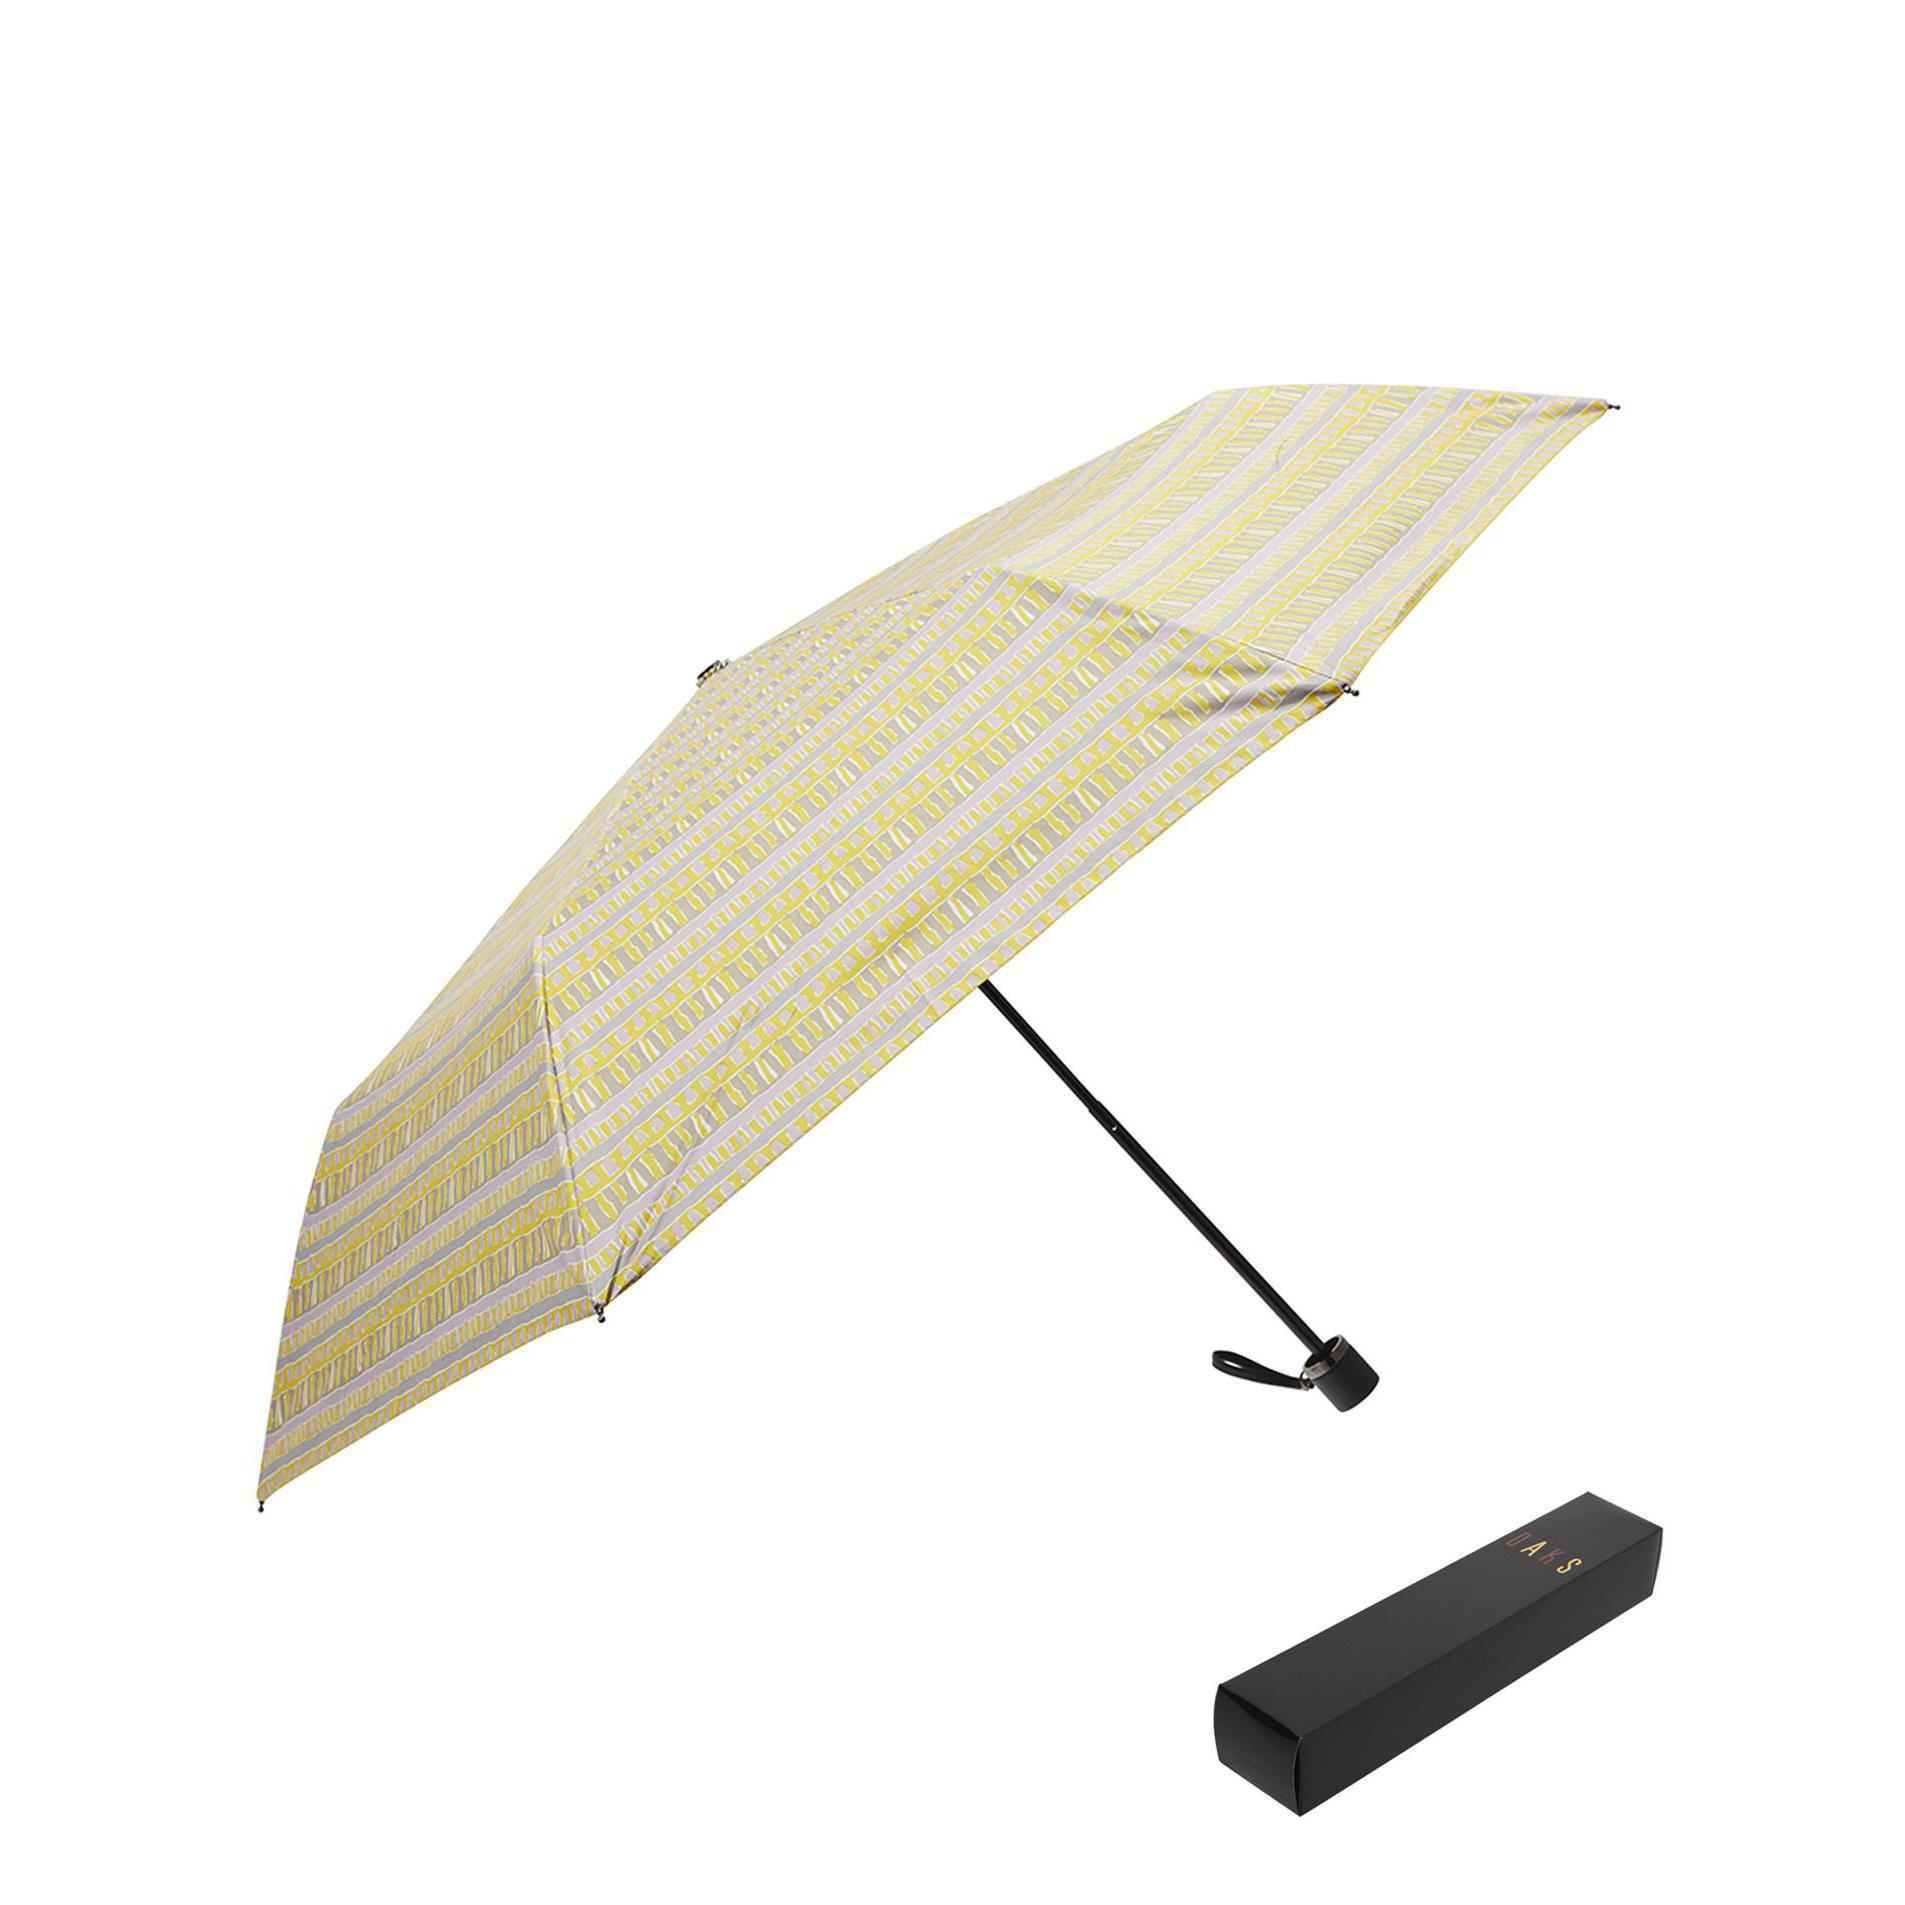 [양산] 닥스 BRICKLANE 콜라주 패턴 3단 수동 양산 / 우산 DBUM0F004Y2 - 랭킹81위 (45000원)